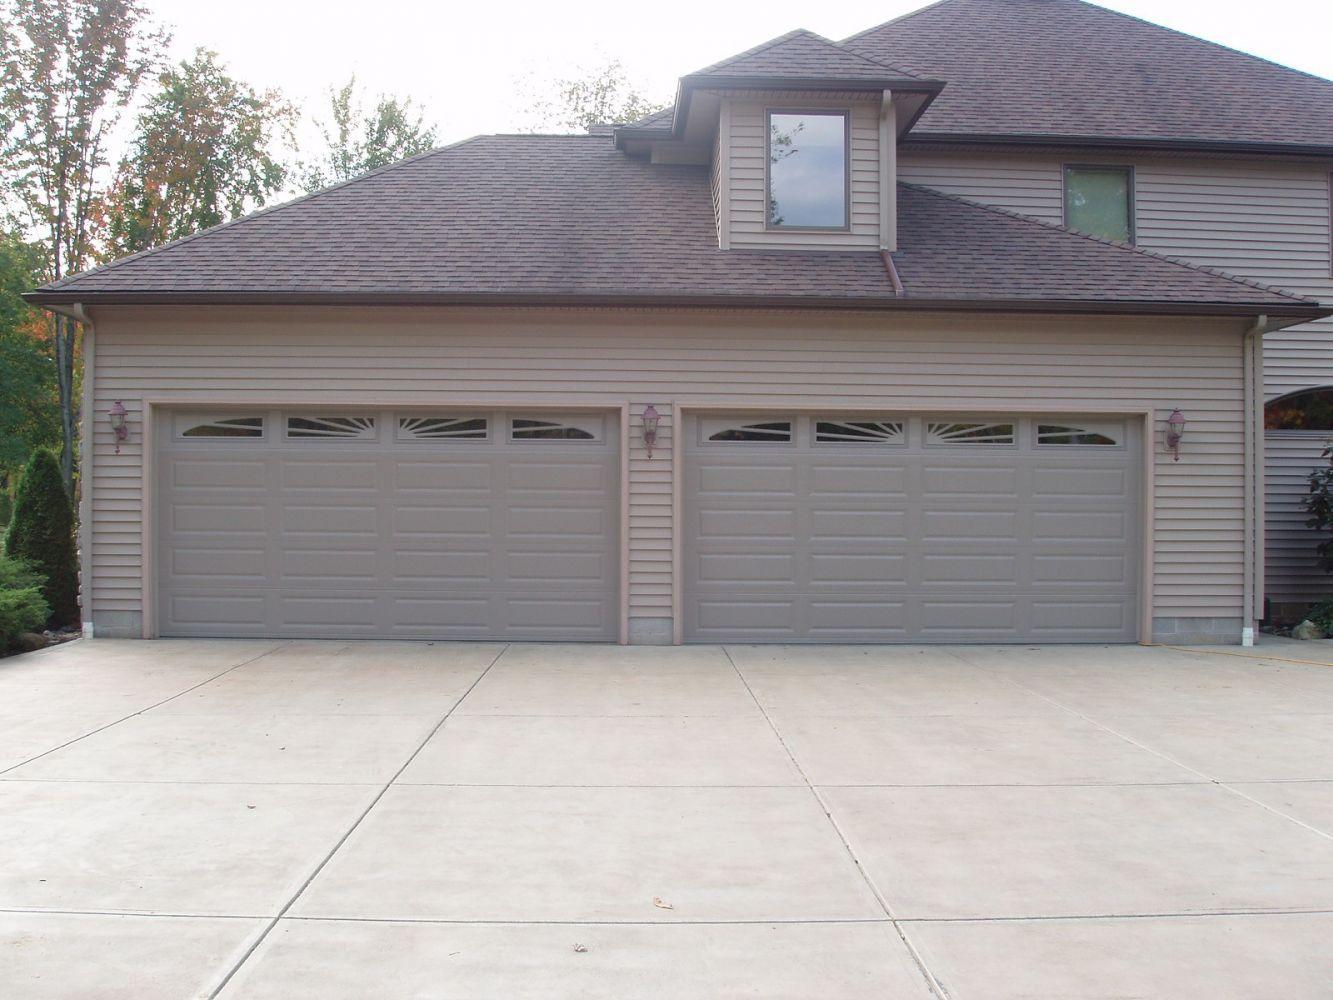 Residental garage door repairs columbia station oh for Garage door service